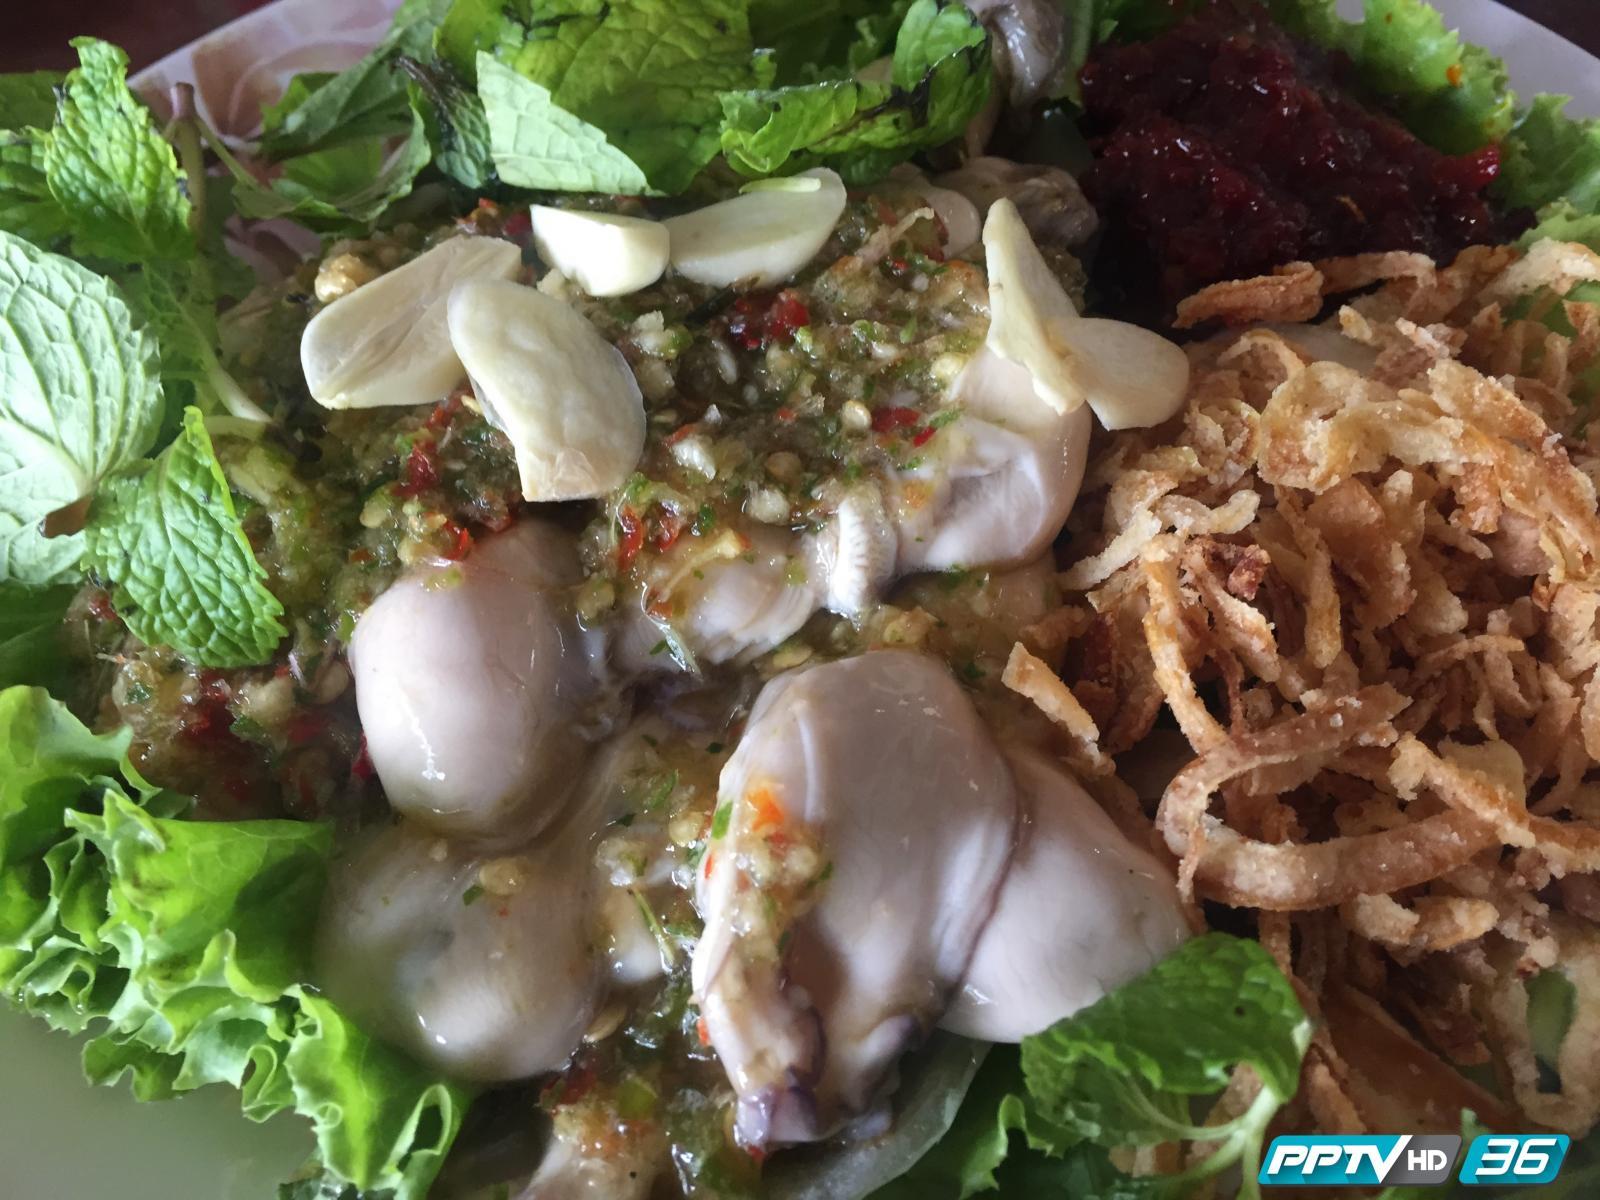 แพทย์เตือนระวังบริโภคอาหารไม่สะอาด เสี่ยงท้องร่วงช่วงสงกรานต์